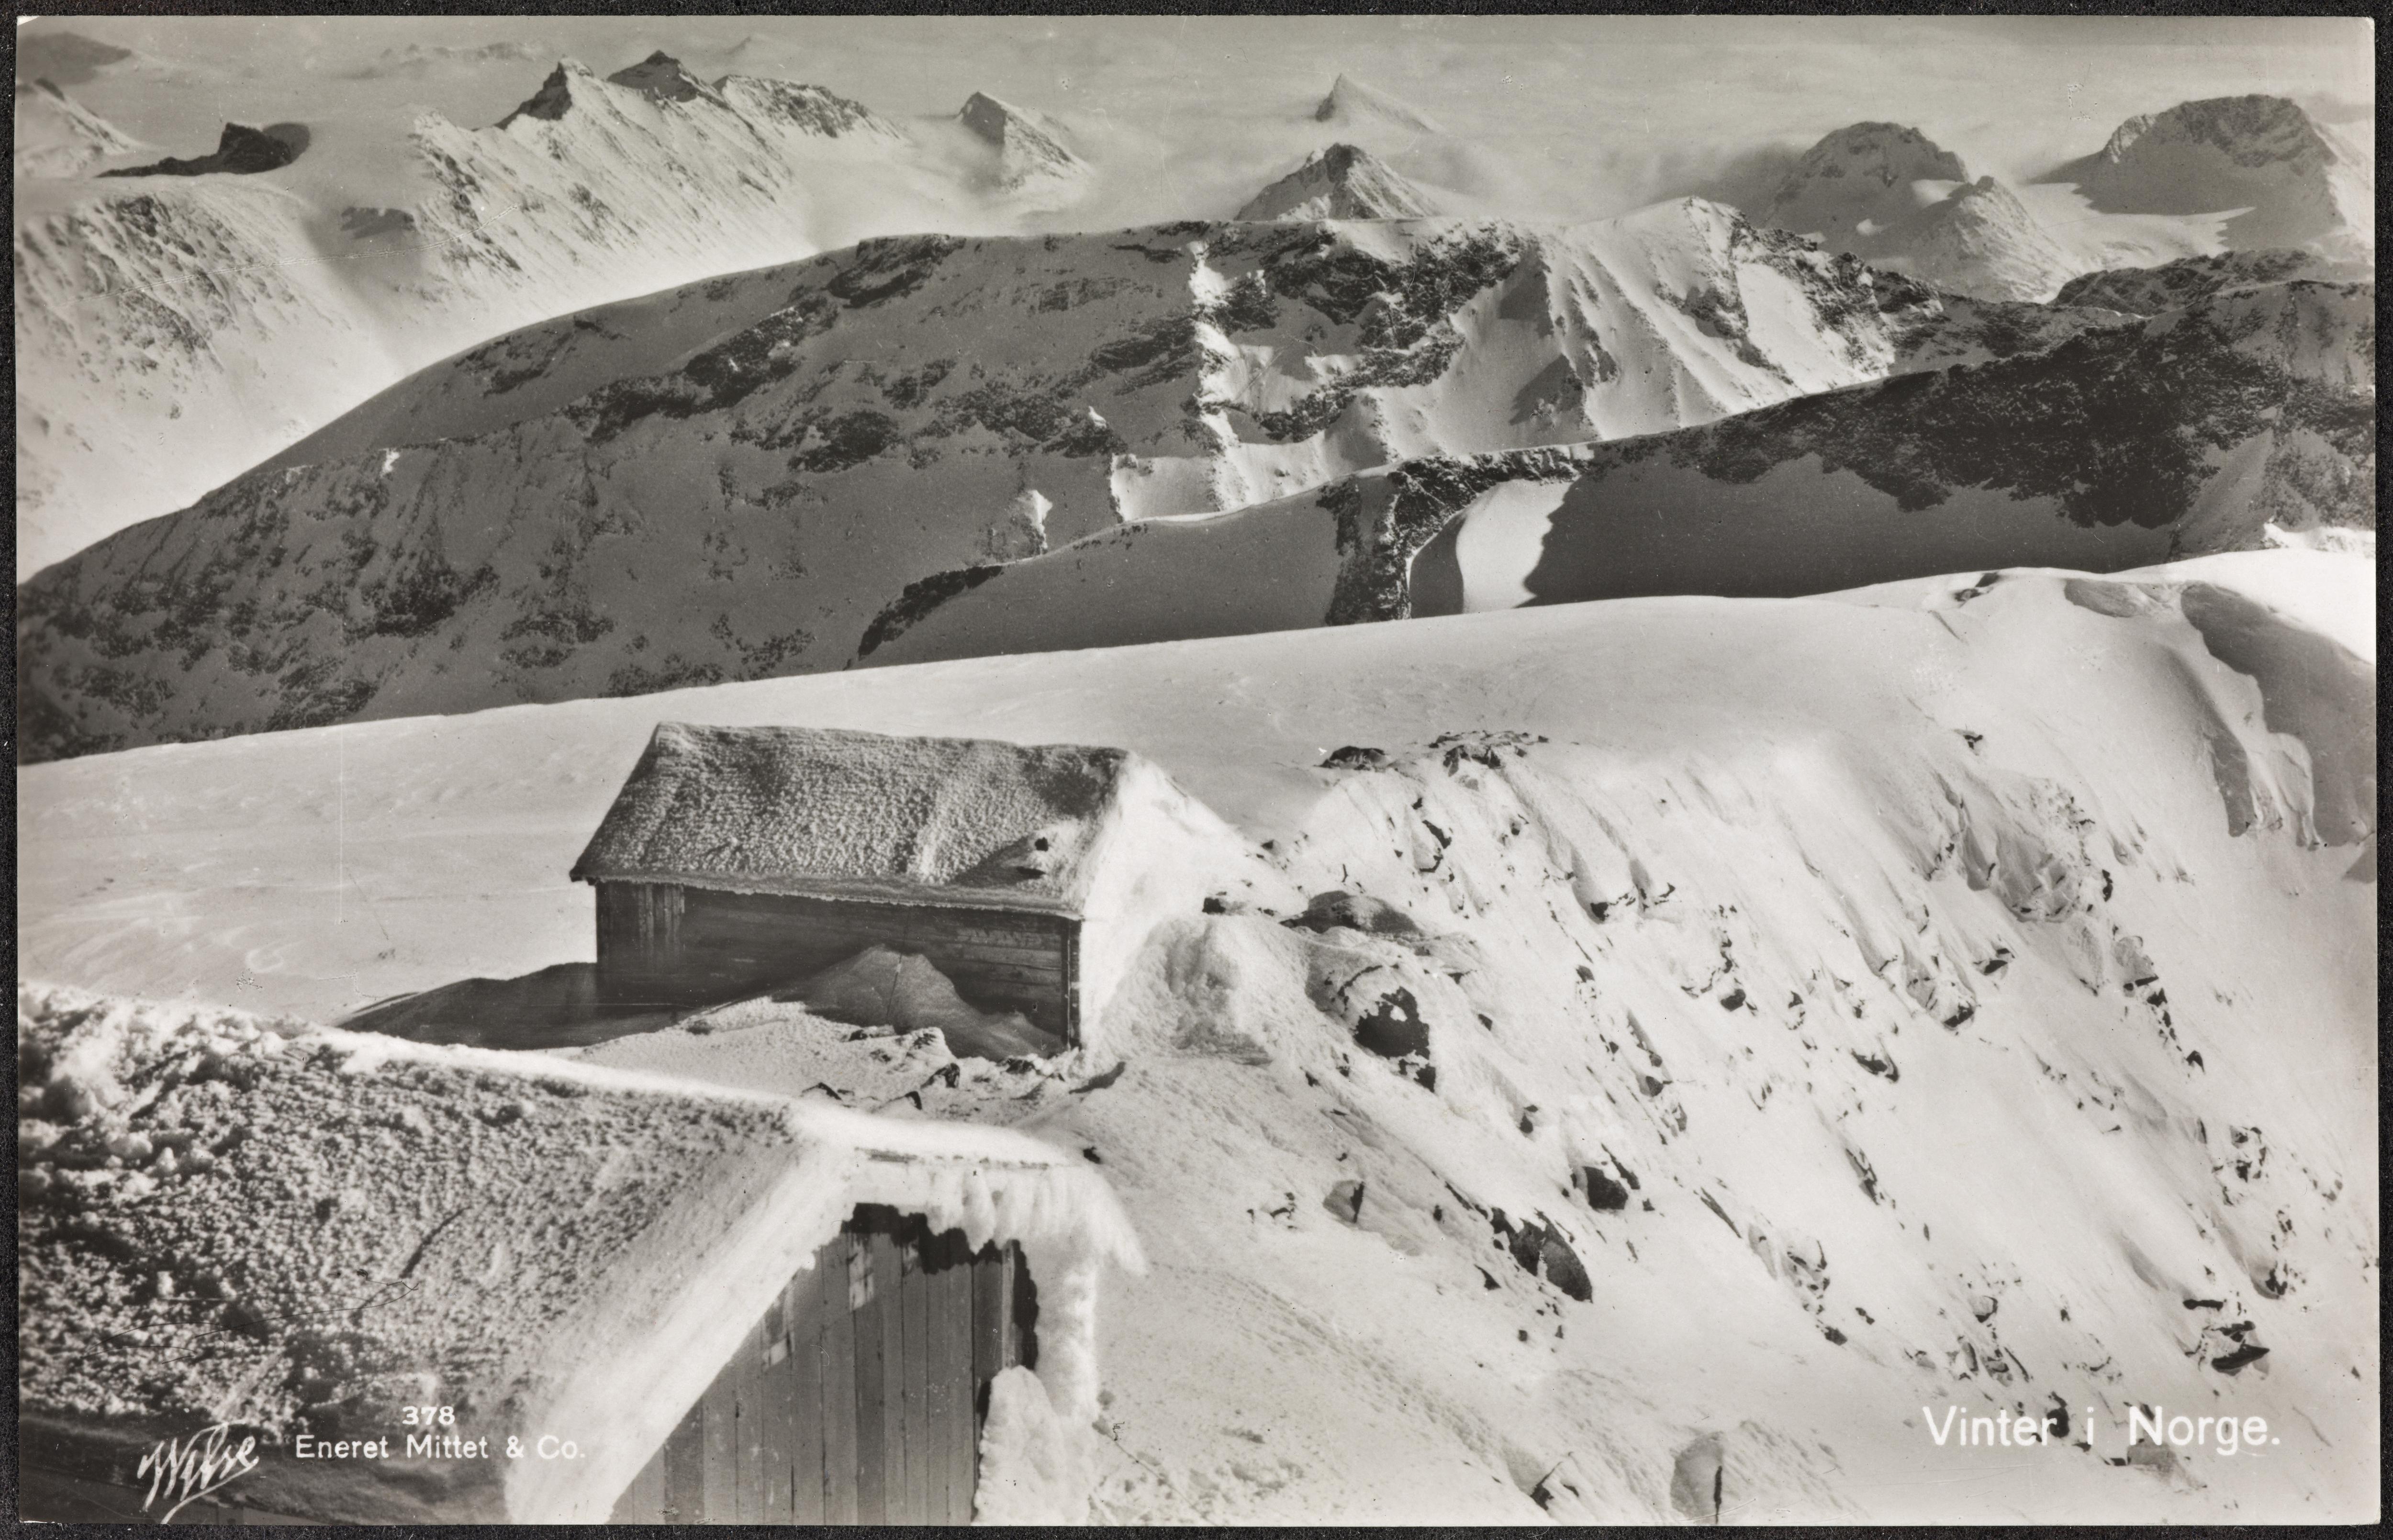 378. Vinter i Norge